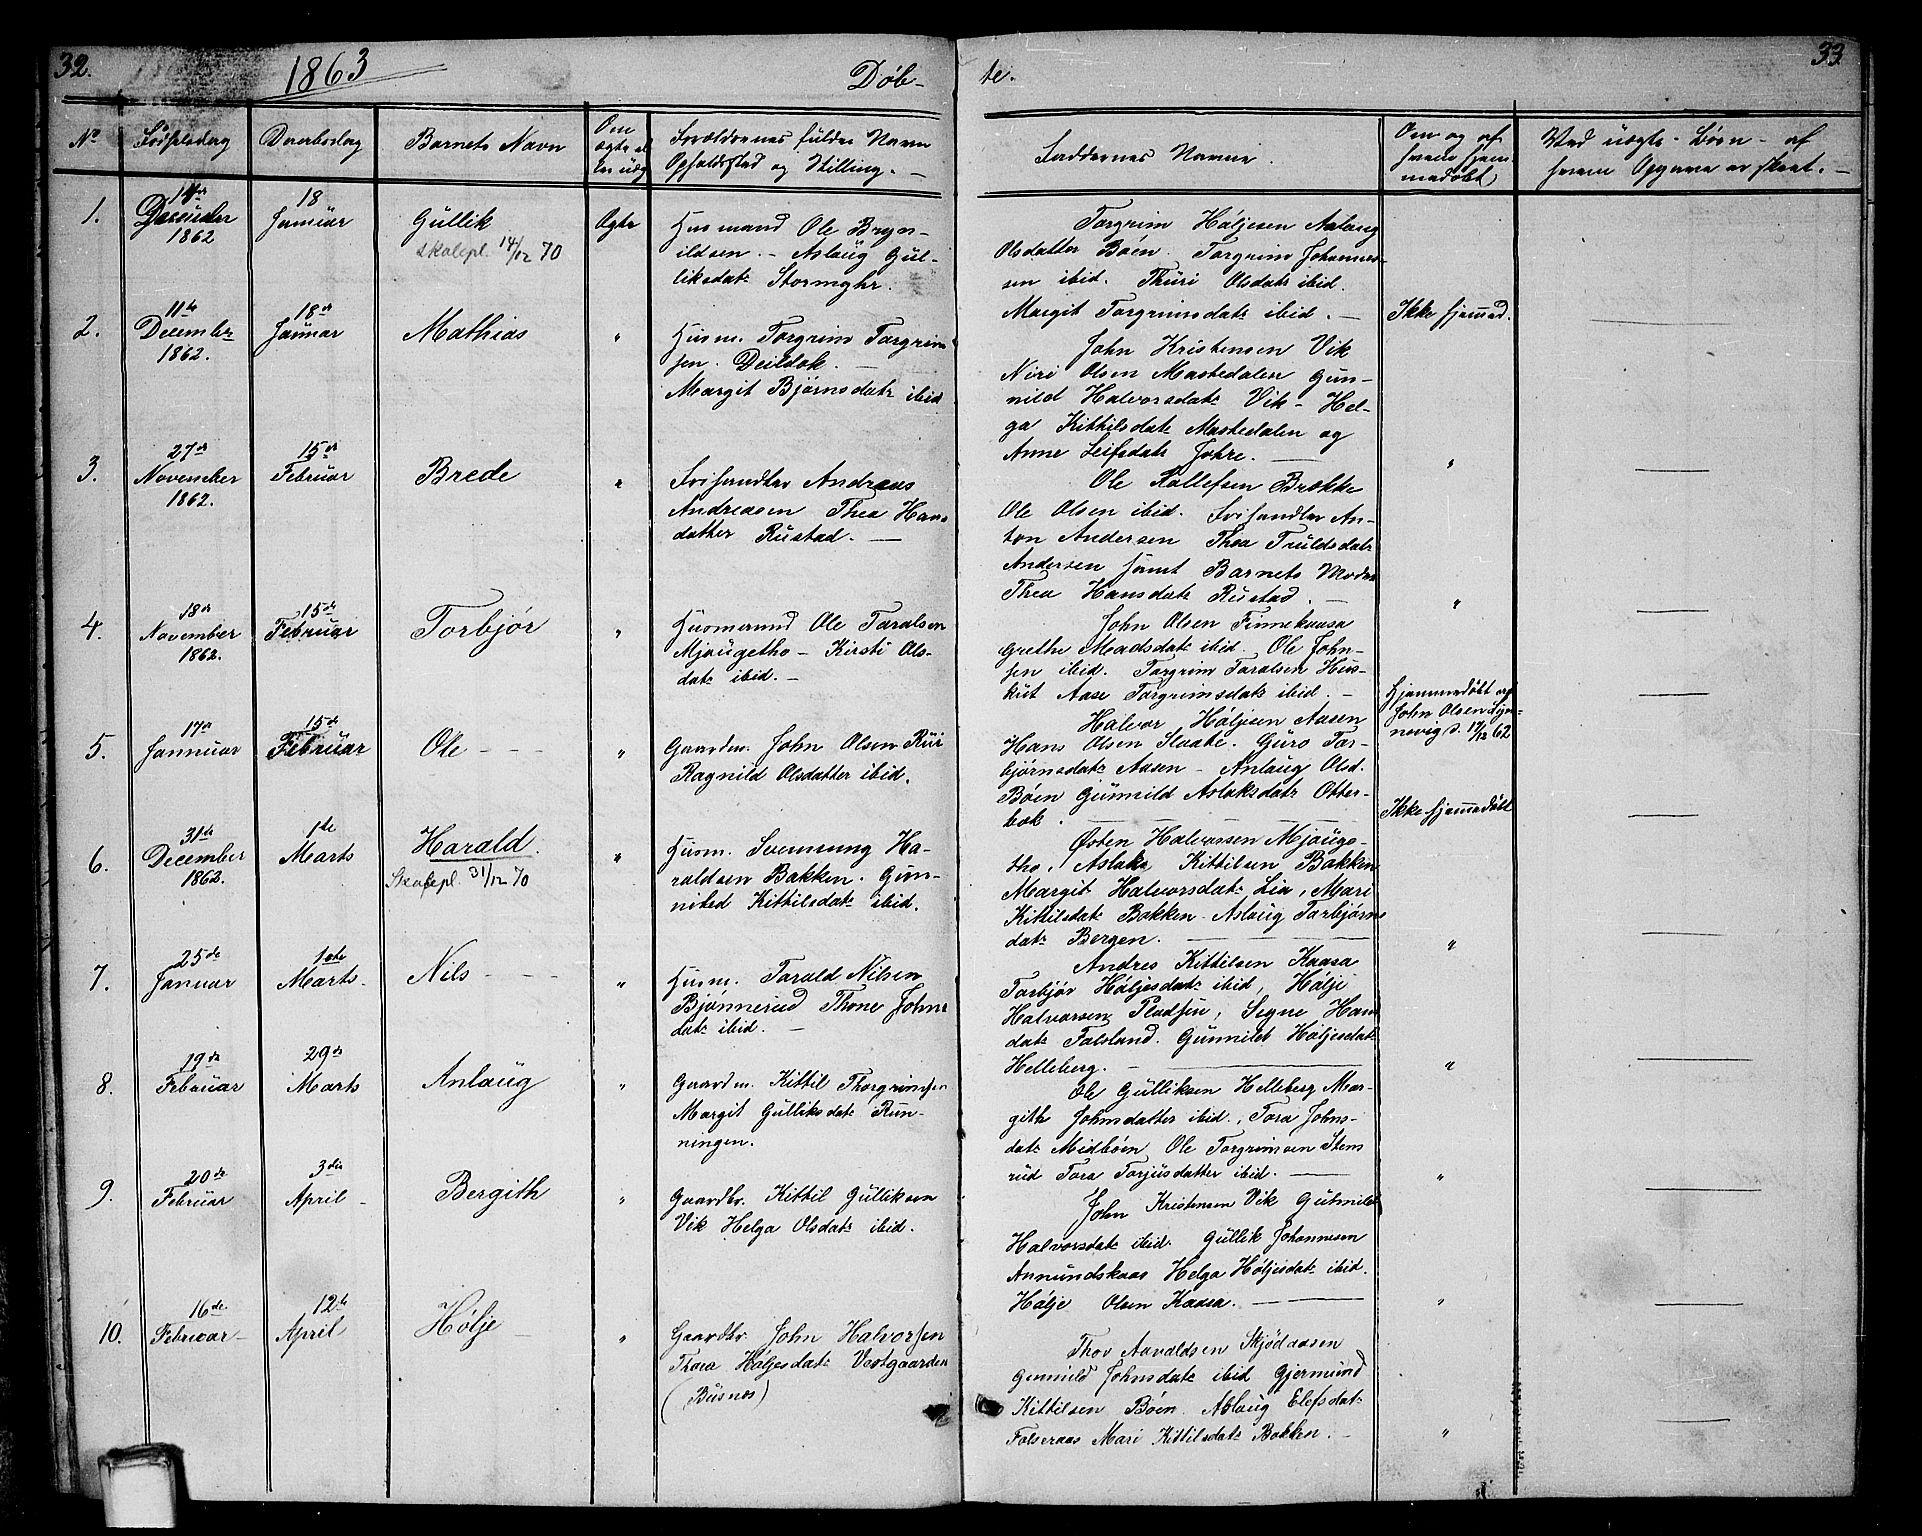 SAKO, Gransherad kirkebøker, G/Ga/L0002: Klokkerbok nr. I 2, 1854-1886, s. 32-33